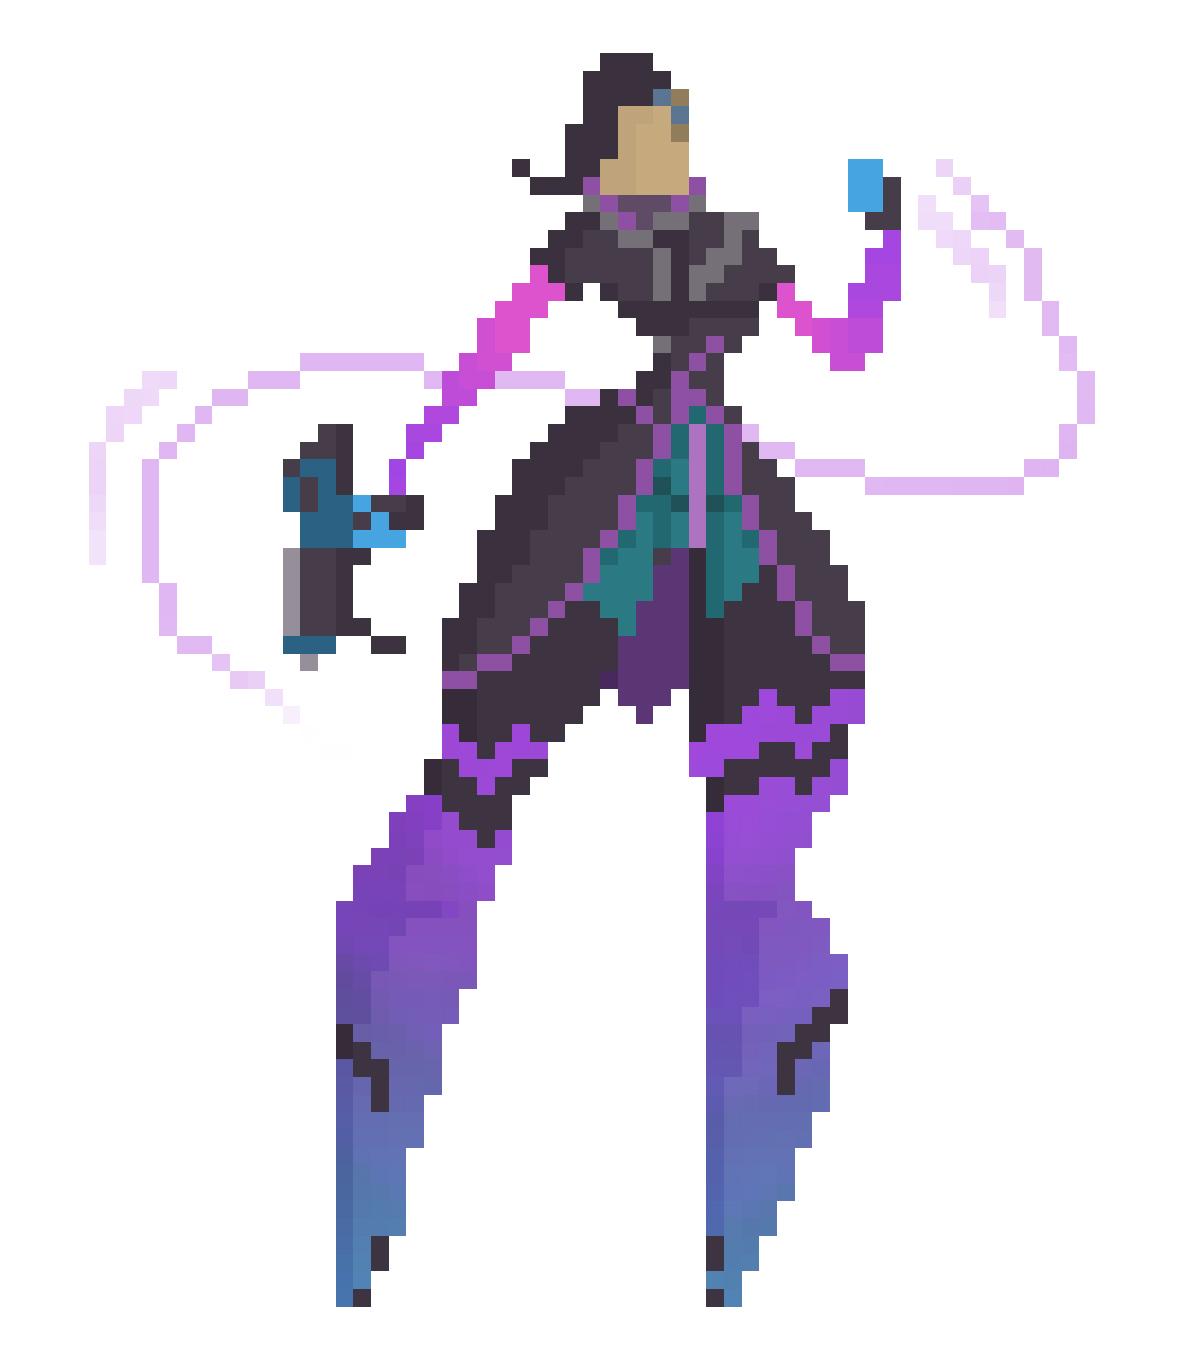 sombra-overwatch-8bit-pixel-art-girl-fanart